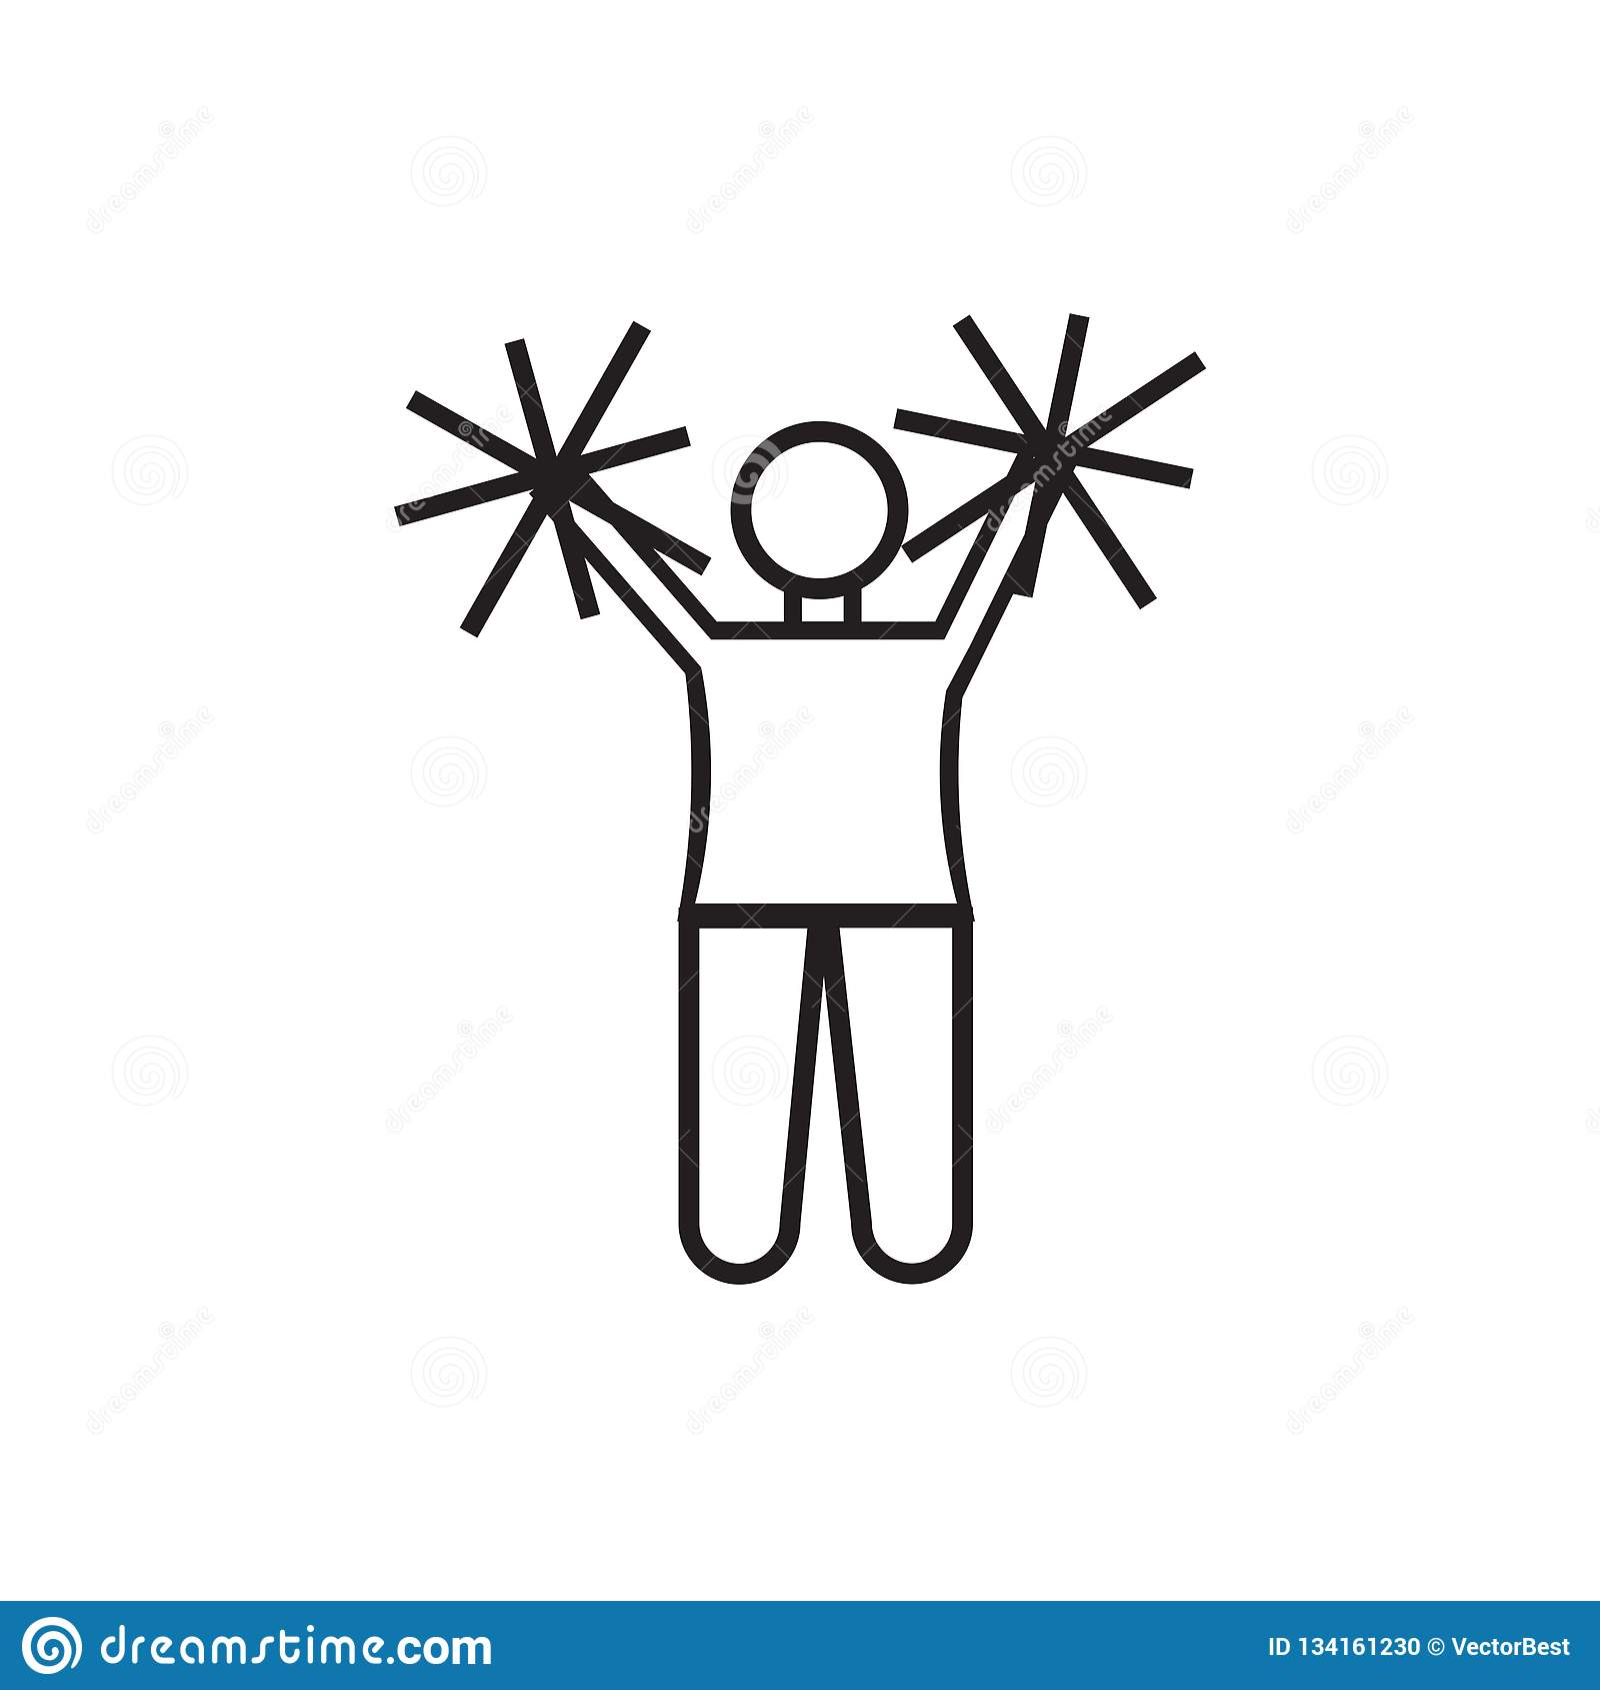 在白色背景跳象传染媒介标志和标志隔绝的美式足球啦啦队员,美式足球啦啦队员跃迁